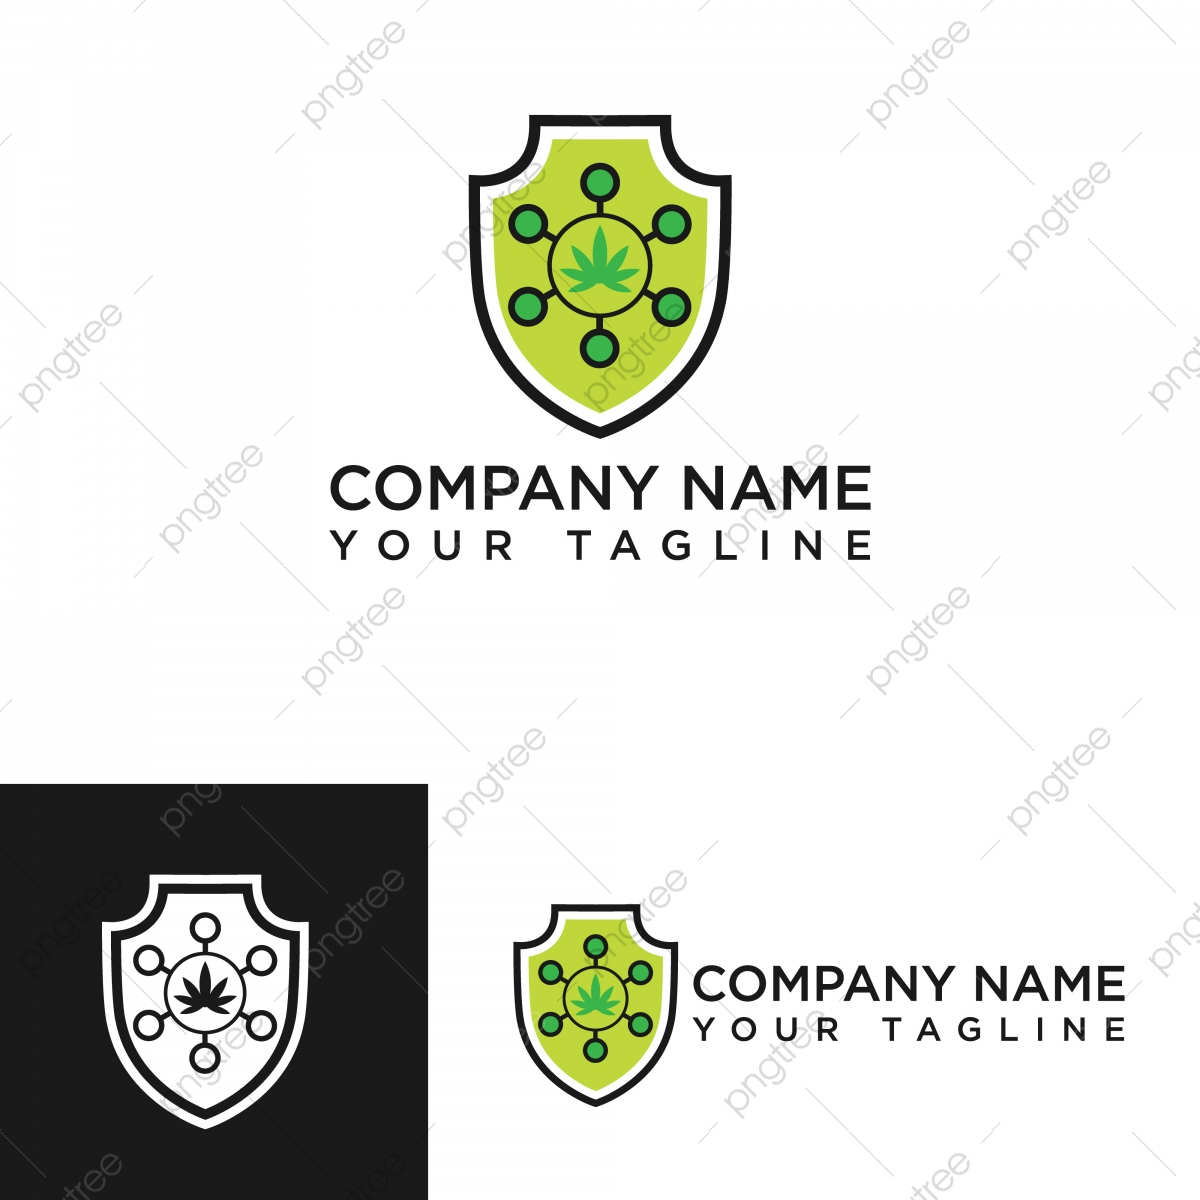 hojas y escudos ilustracion vectorial de logotipo de la empresa con los simbolos cientificos analisis arte atom png y vector para descargar gratis pngtree pngtree